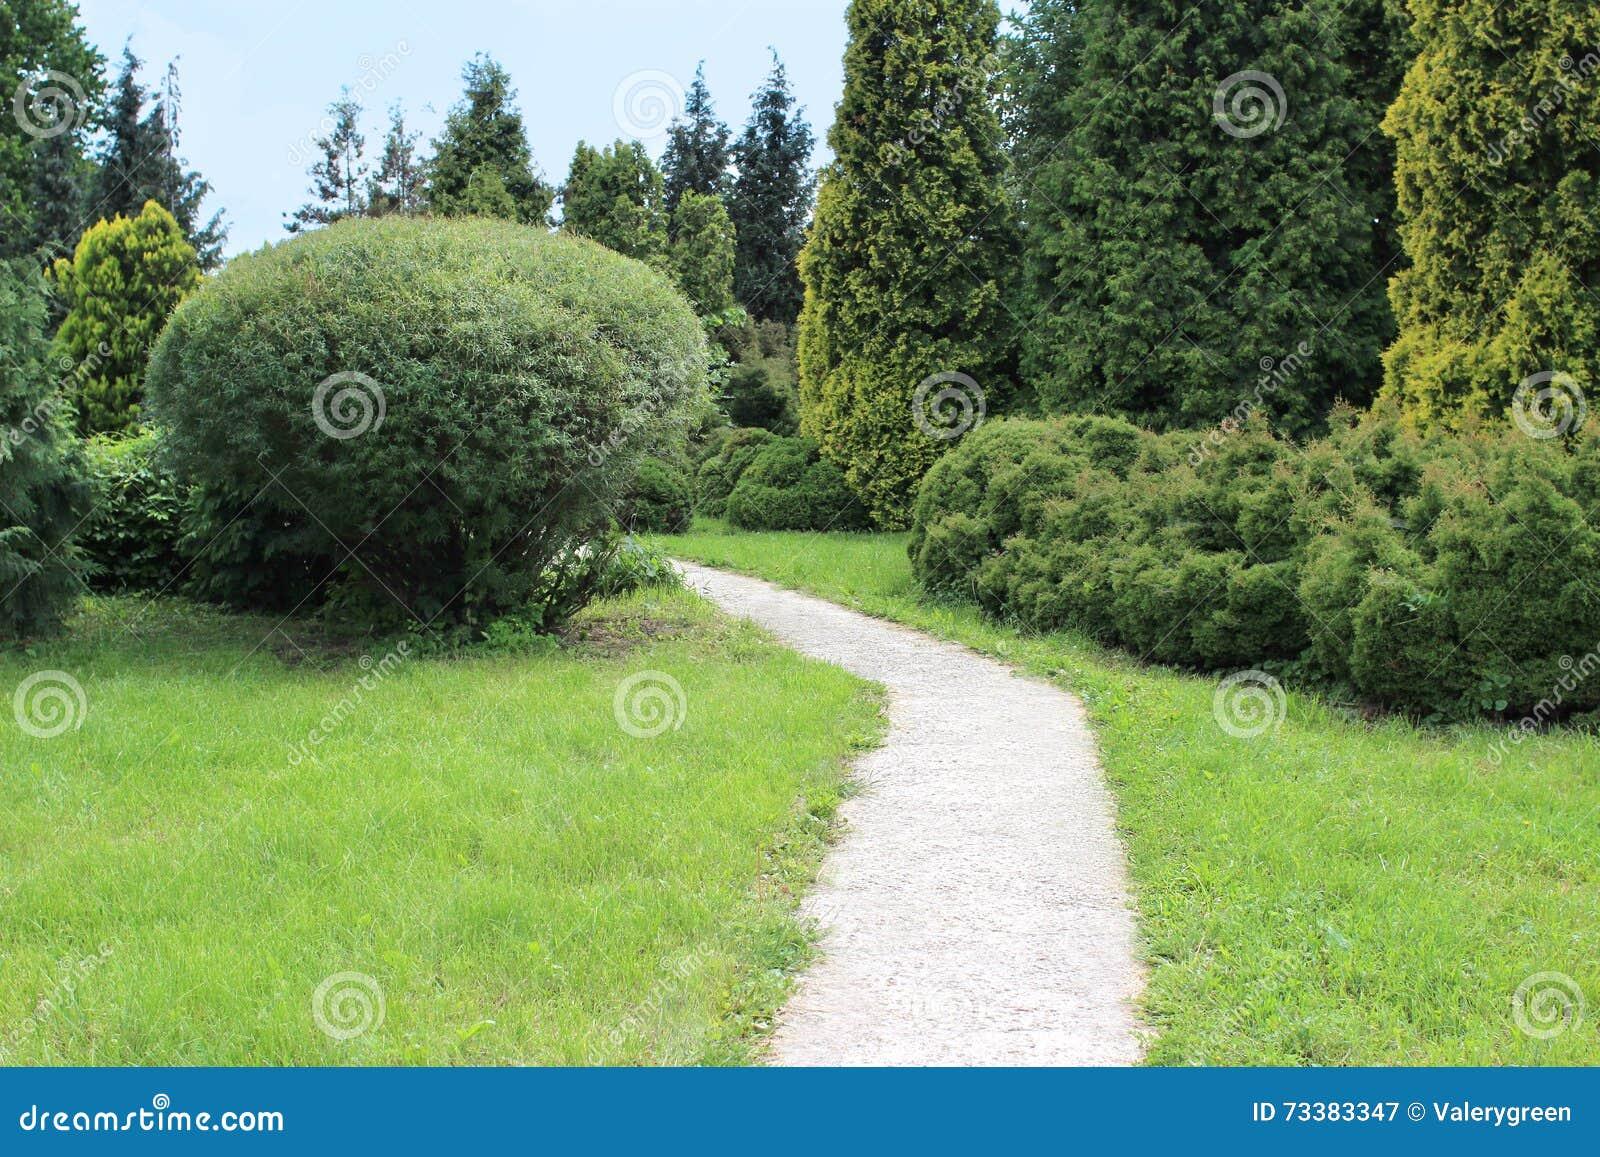 Schöner Garten Mit Rasen Nadelbäumen Und Weide Stockbild Bild Von